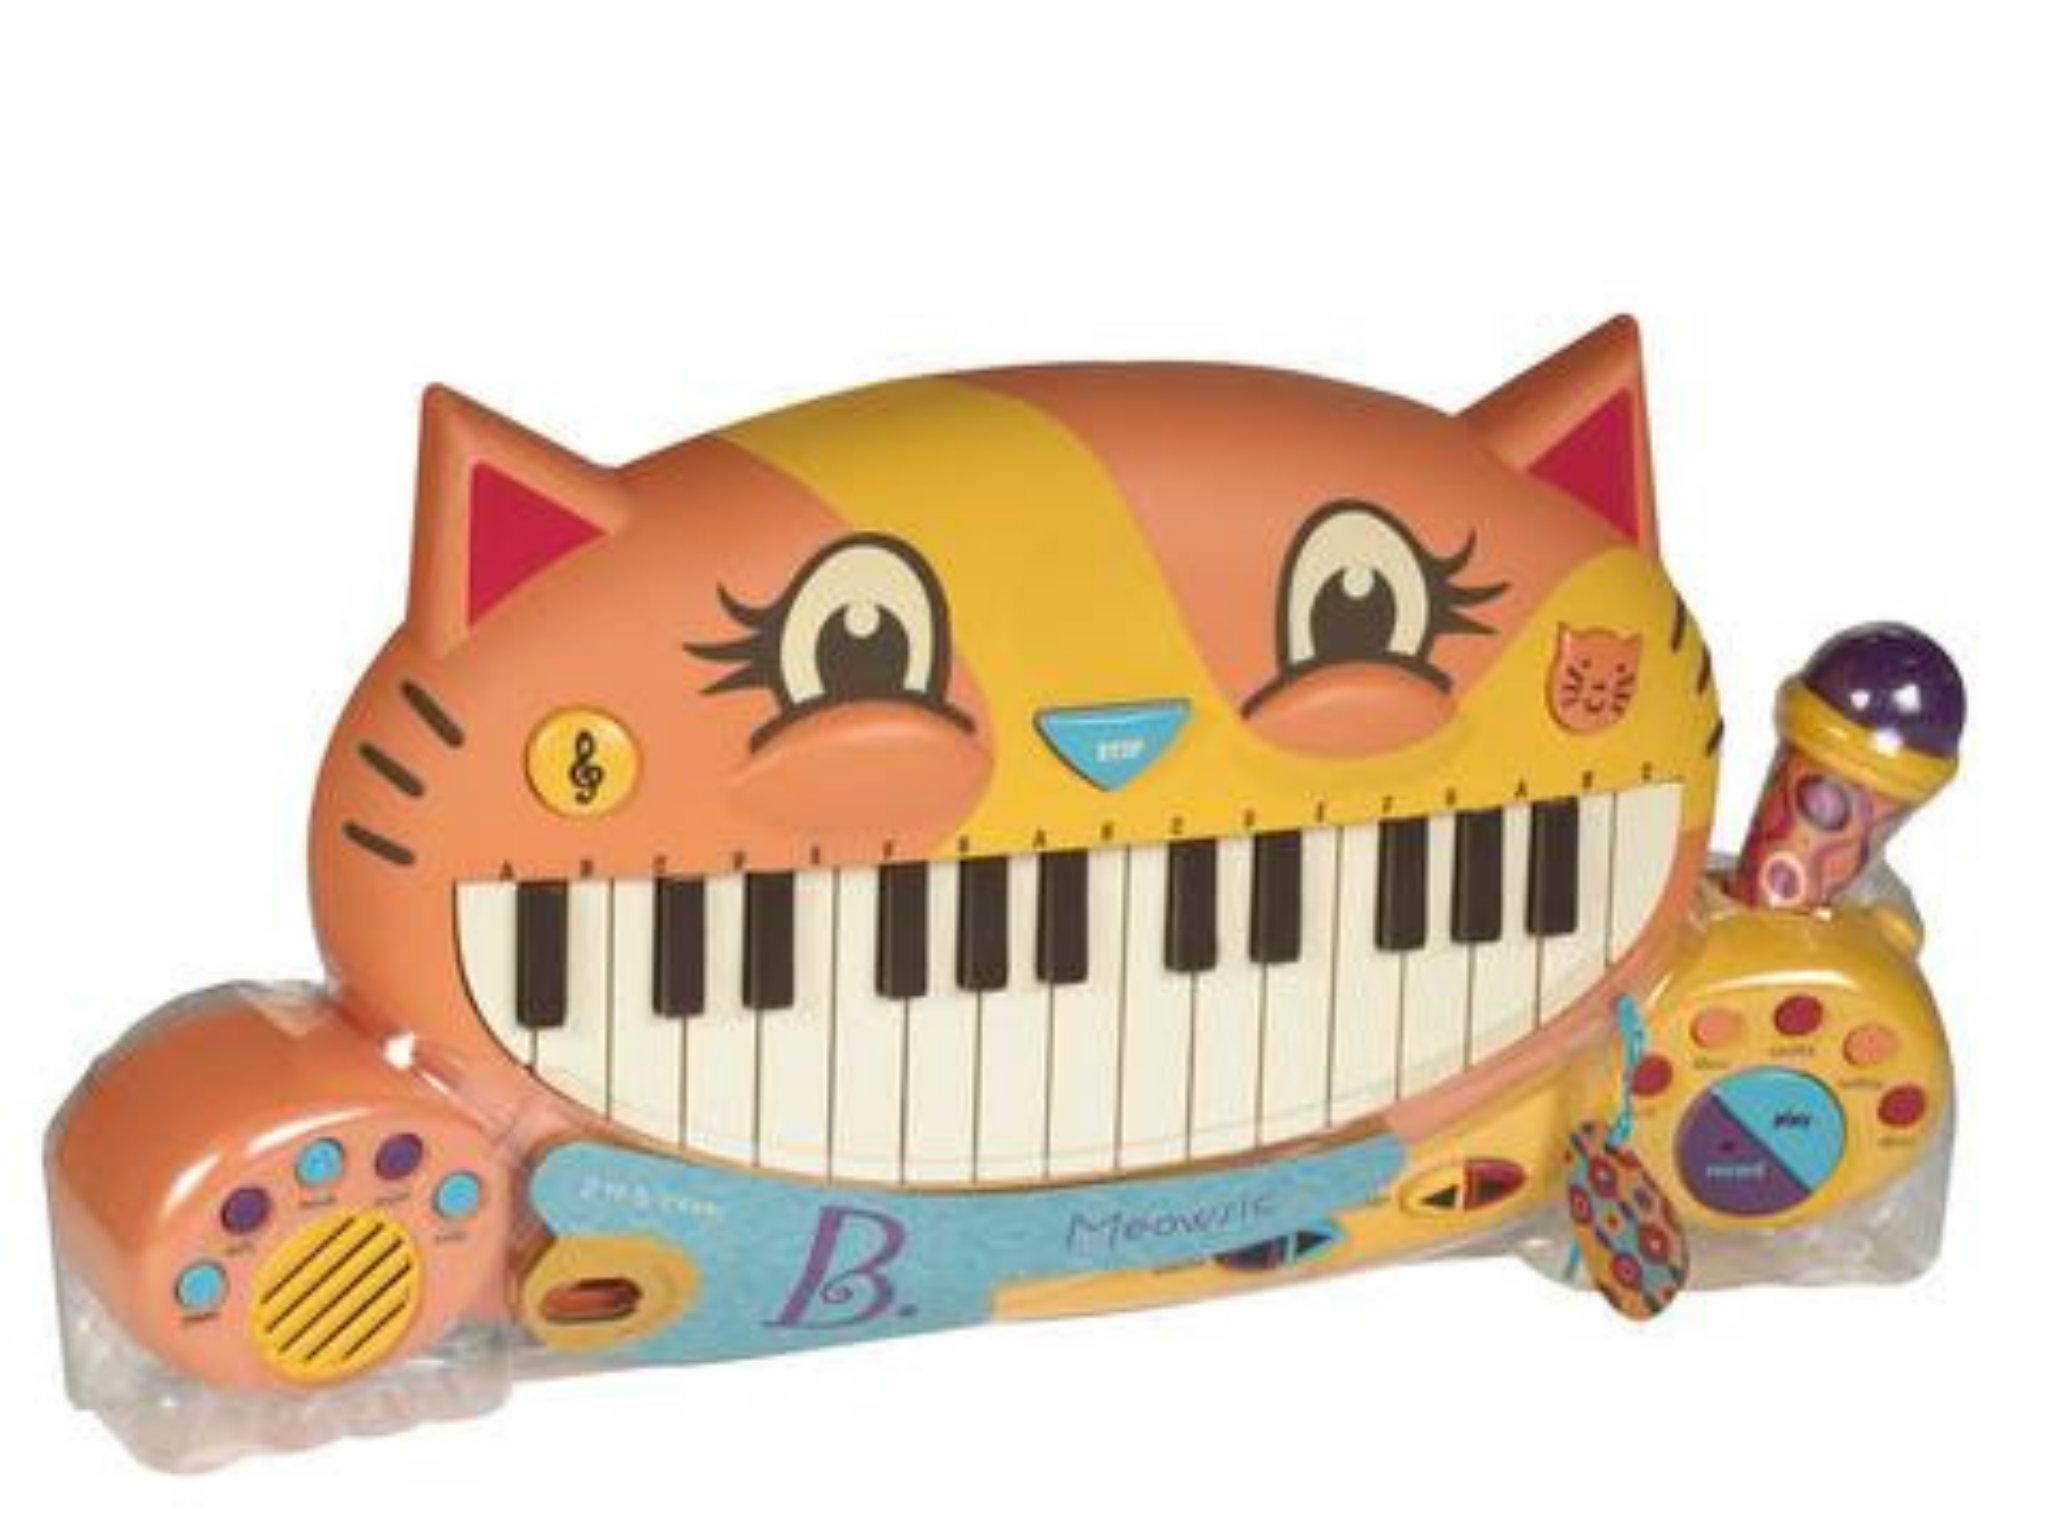 Teclado musical meow